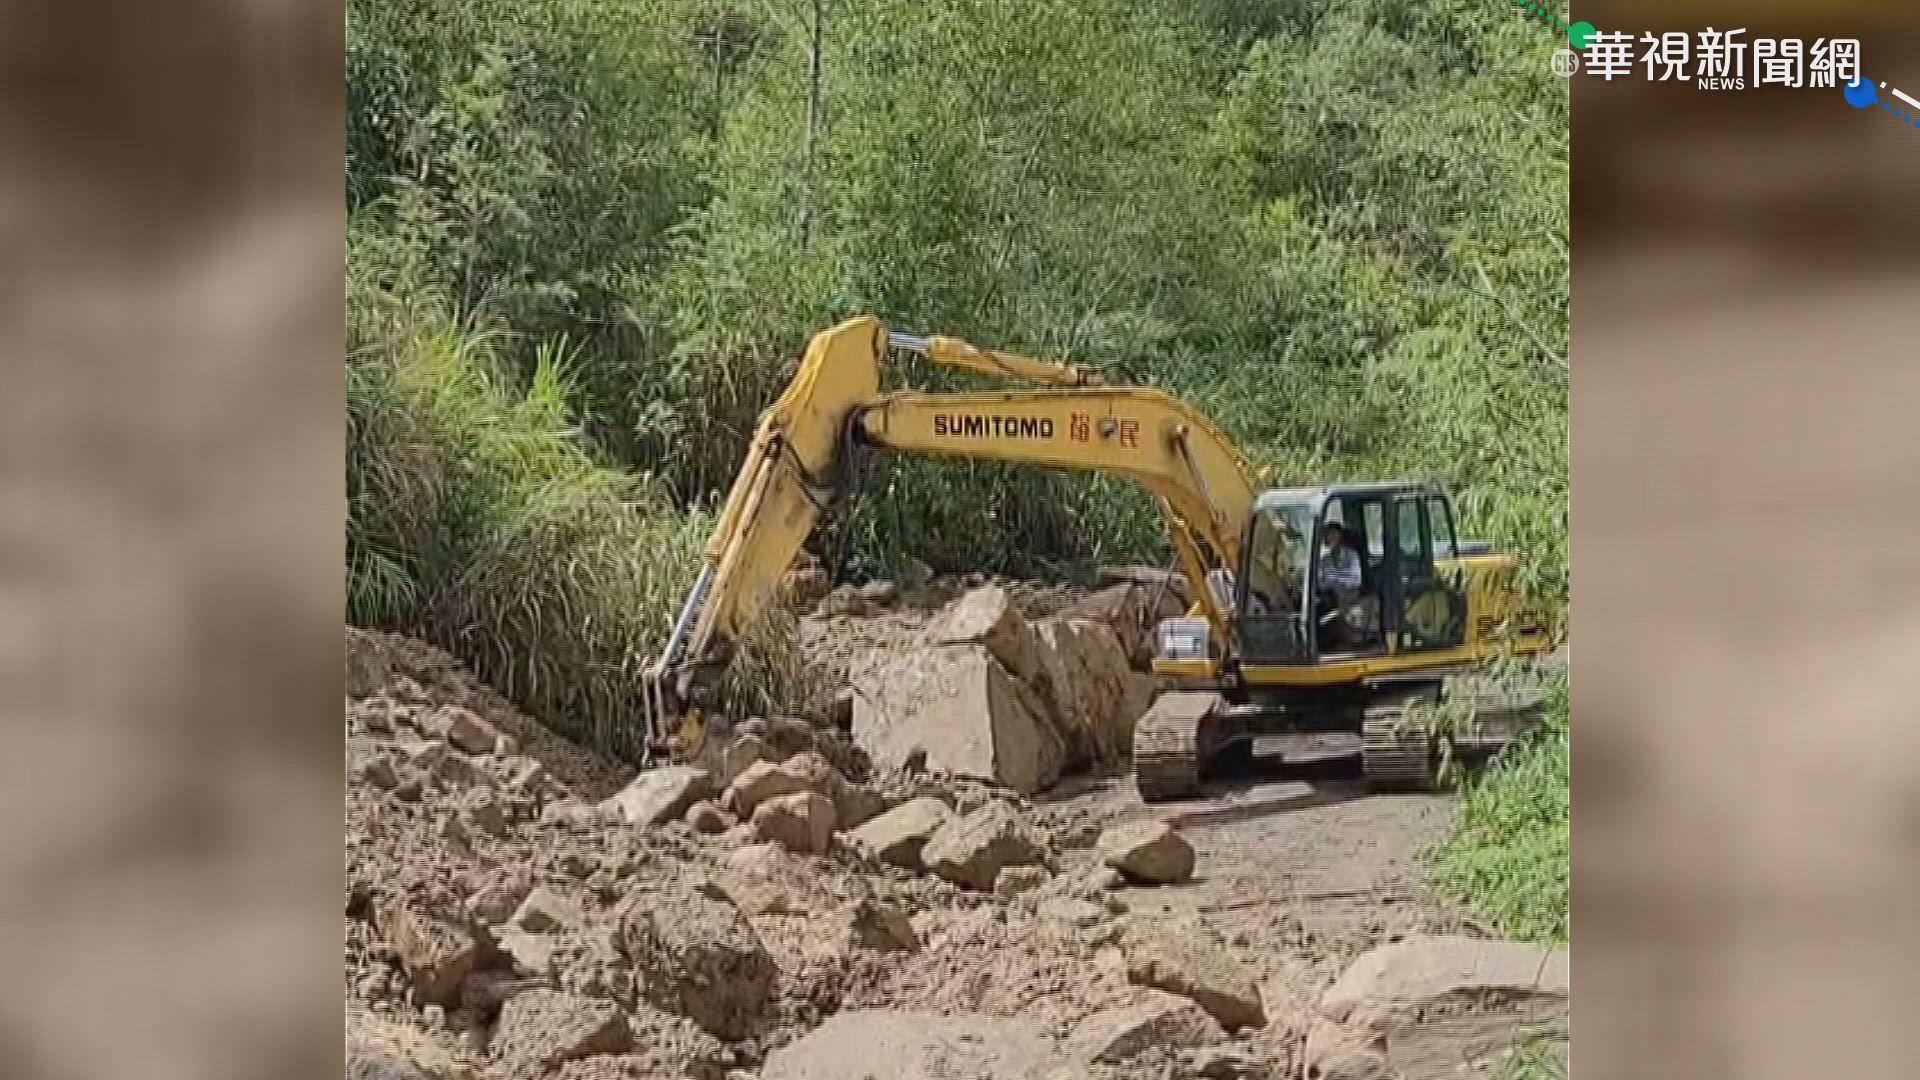 暴雨重創阿里山 土石坍塌路斷多人受困